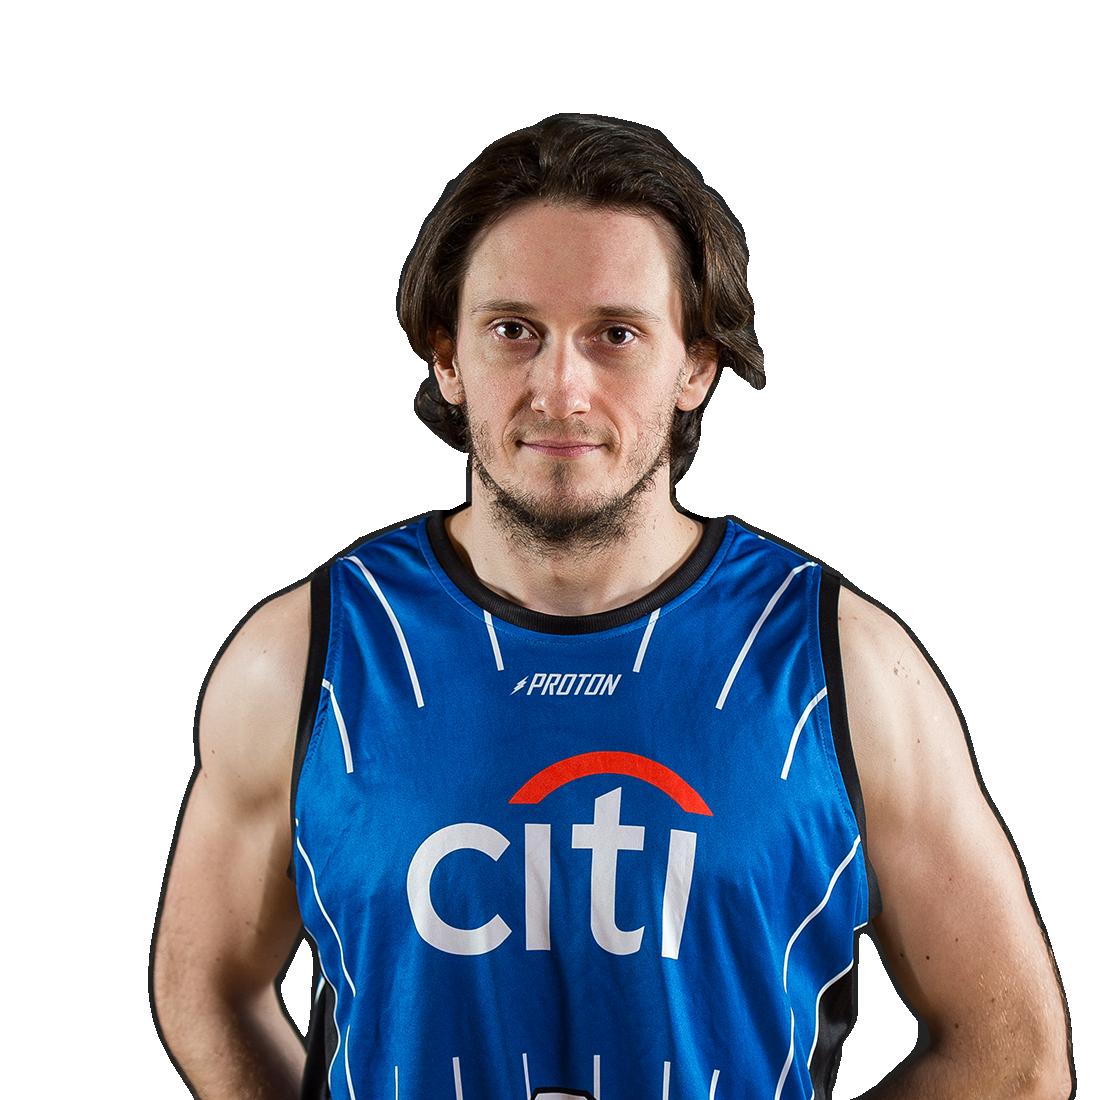 Piotr Pilorz